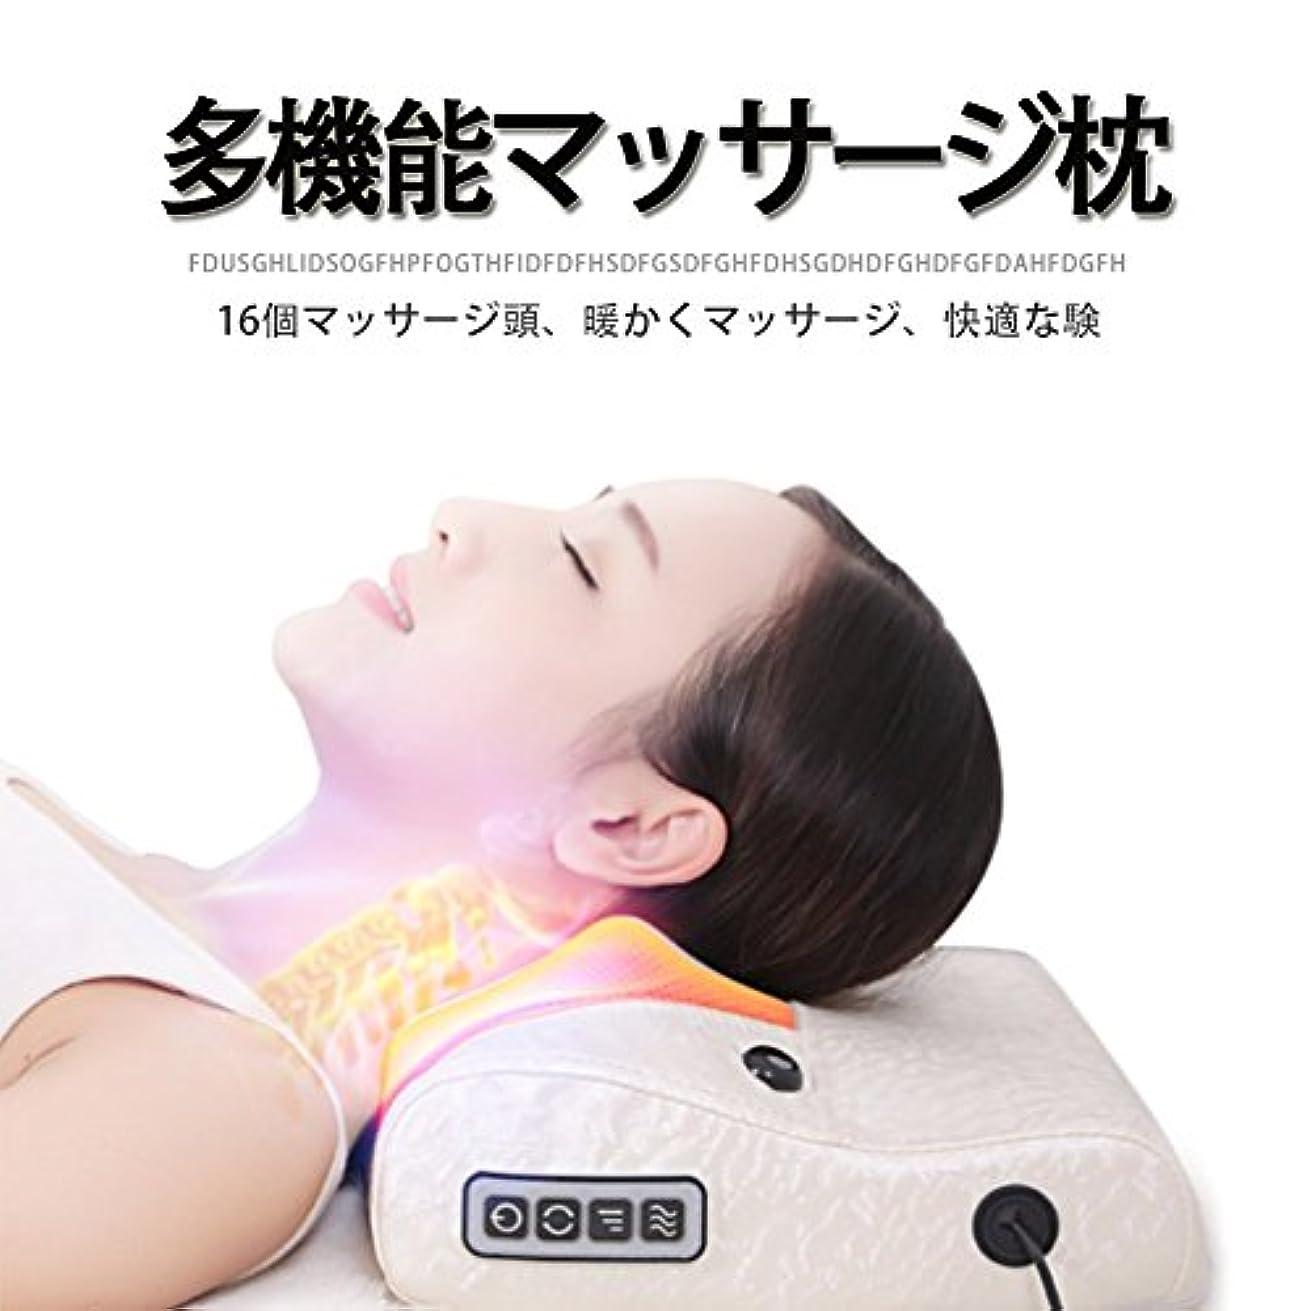 LeaTherBack マッサージ枕 首マッサージャー 首?肩マッサージ枕 首ストレッチマッサージャー 血液循環加速&ストレス解消 赤外線療法